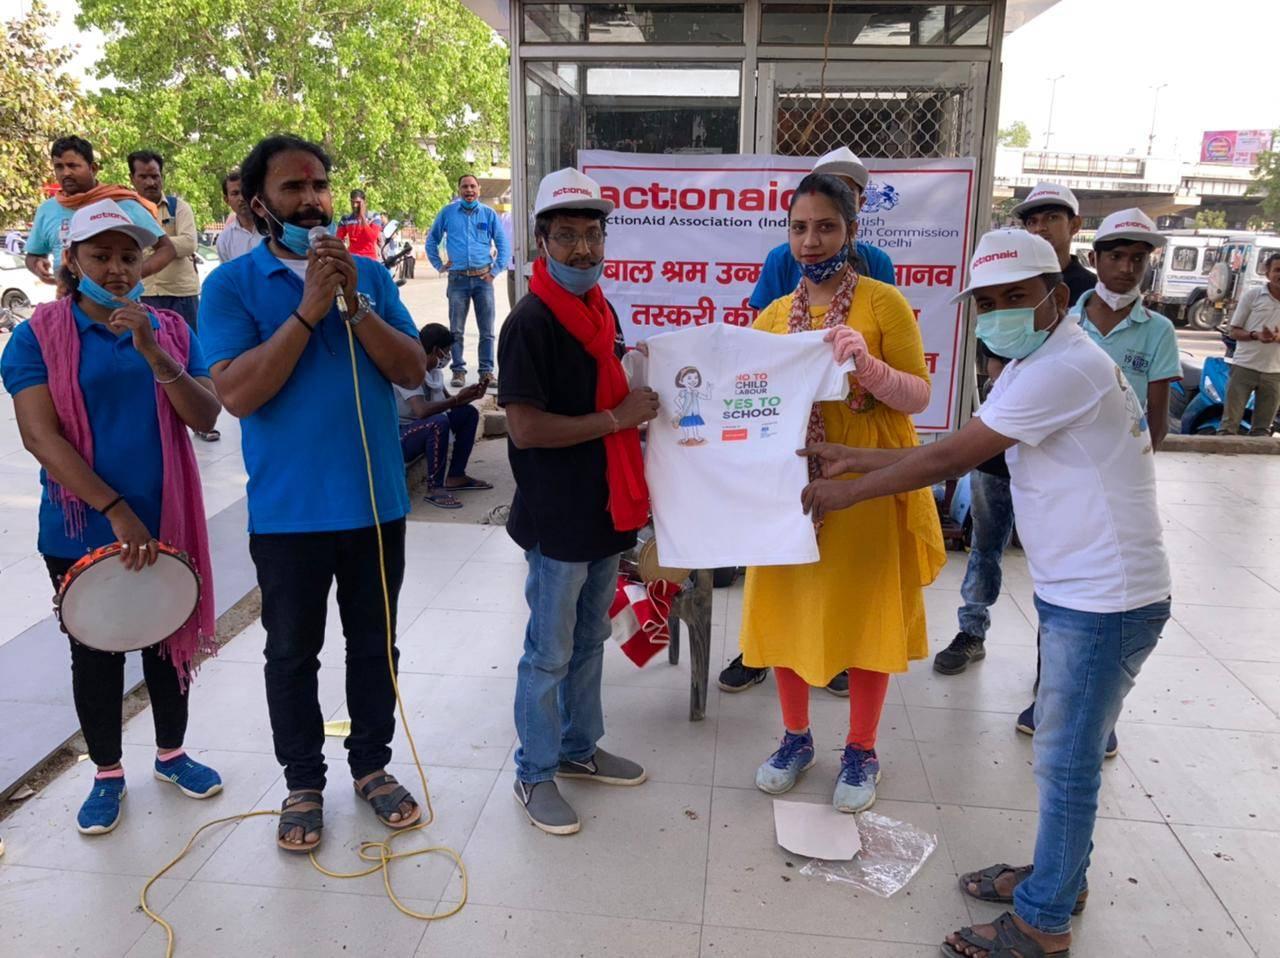 एक्शन एड की पहल : नुक्कड़ नाटक का मंचन कर समाज को बाल श्रम पर रोक लगाने का दिया संदेश